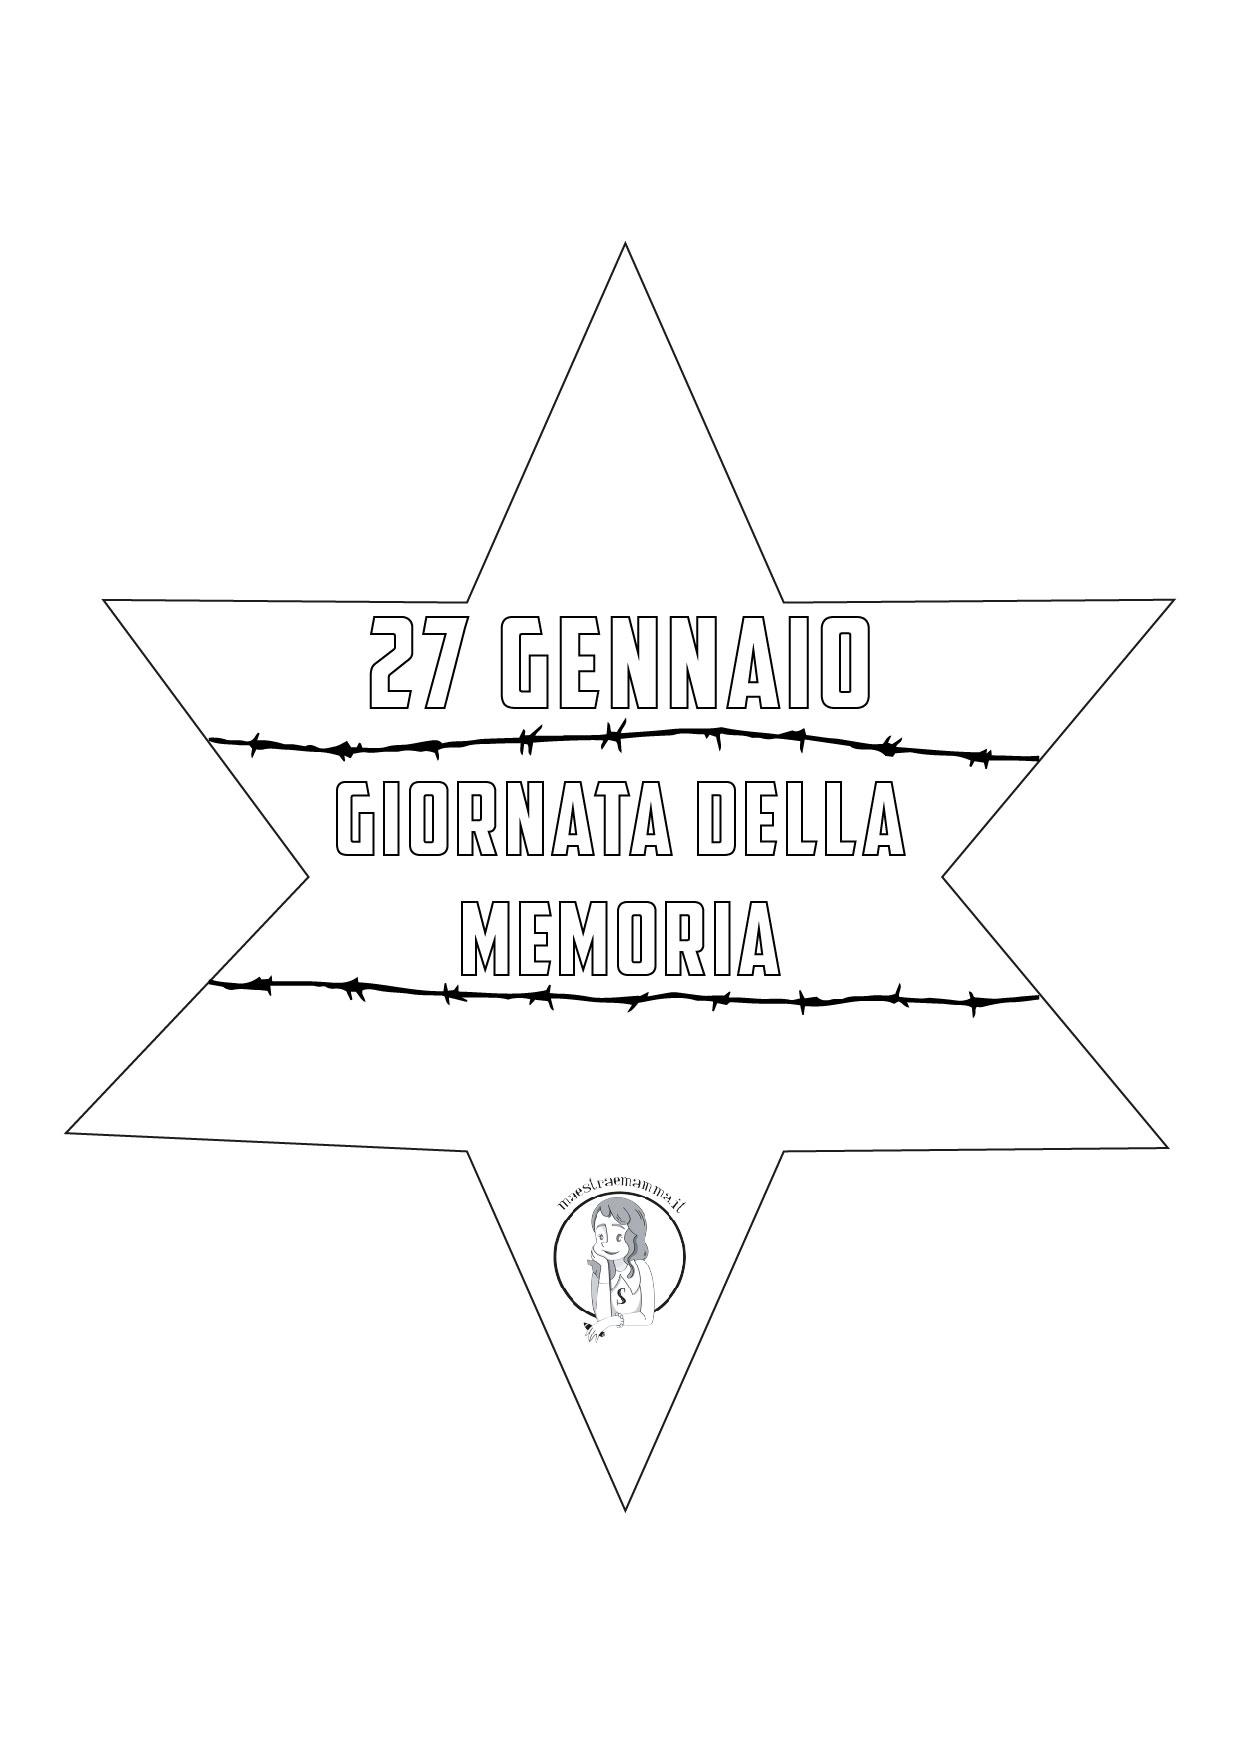 stella olocausto shoah da colorare scheda didattica scuola bambini 27 gennaio